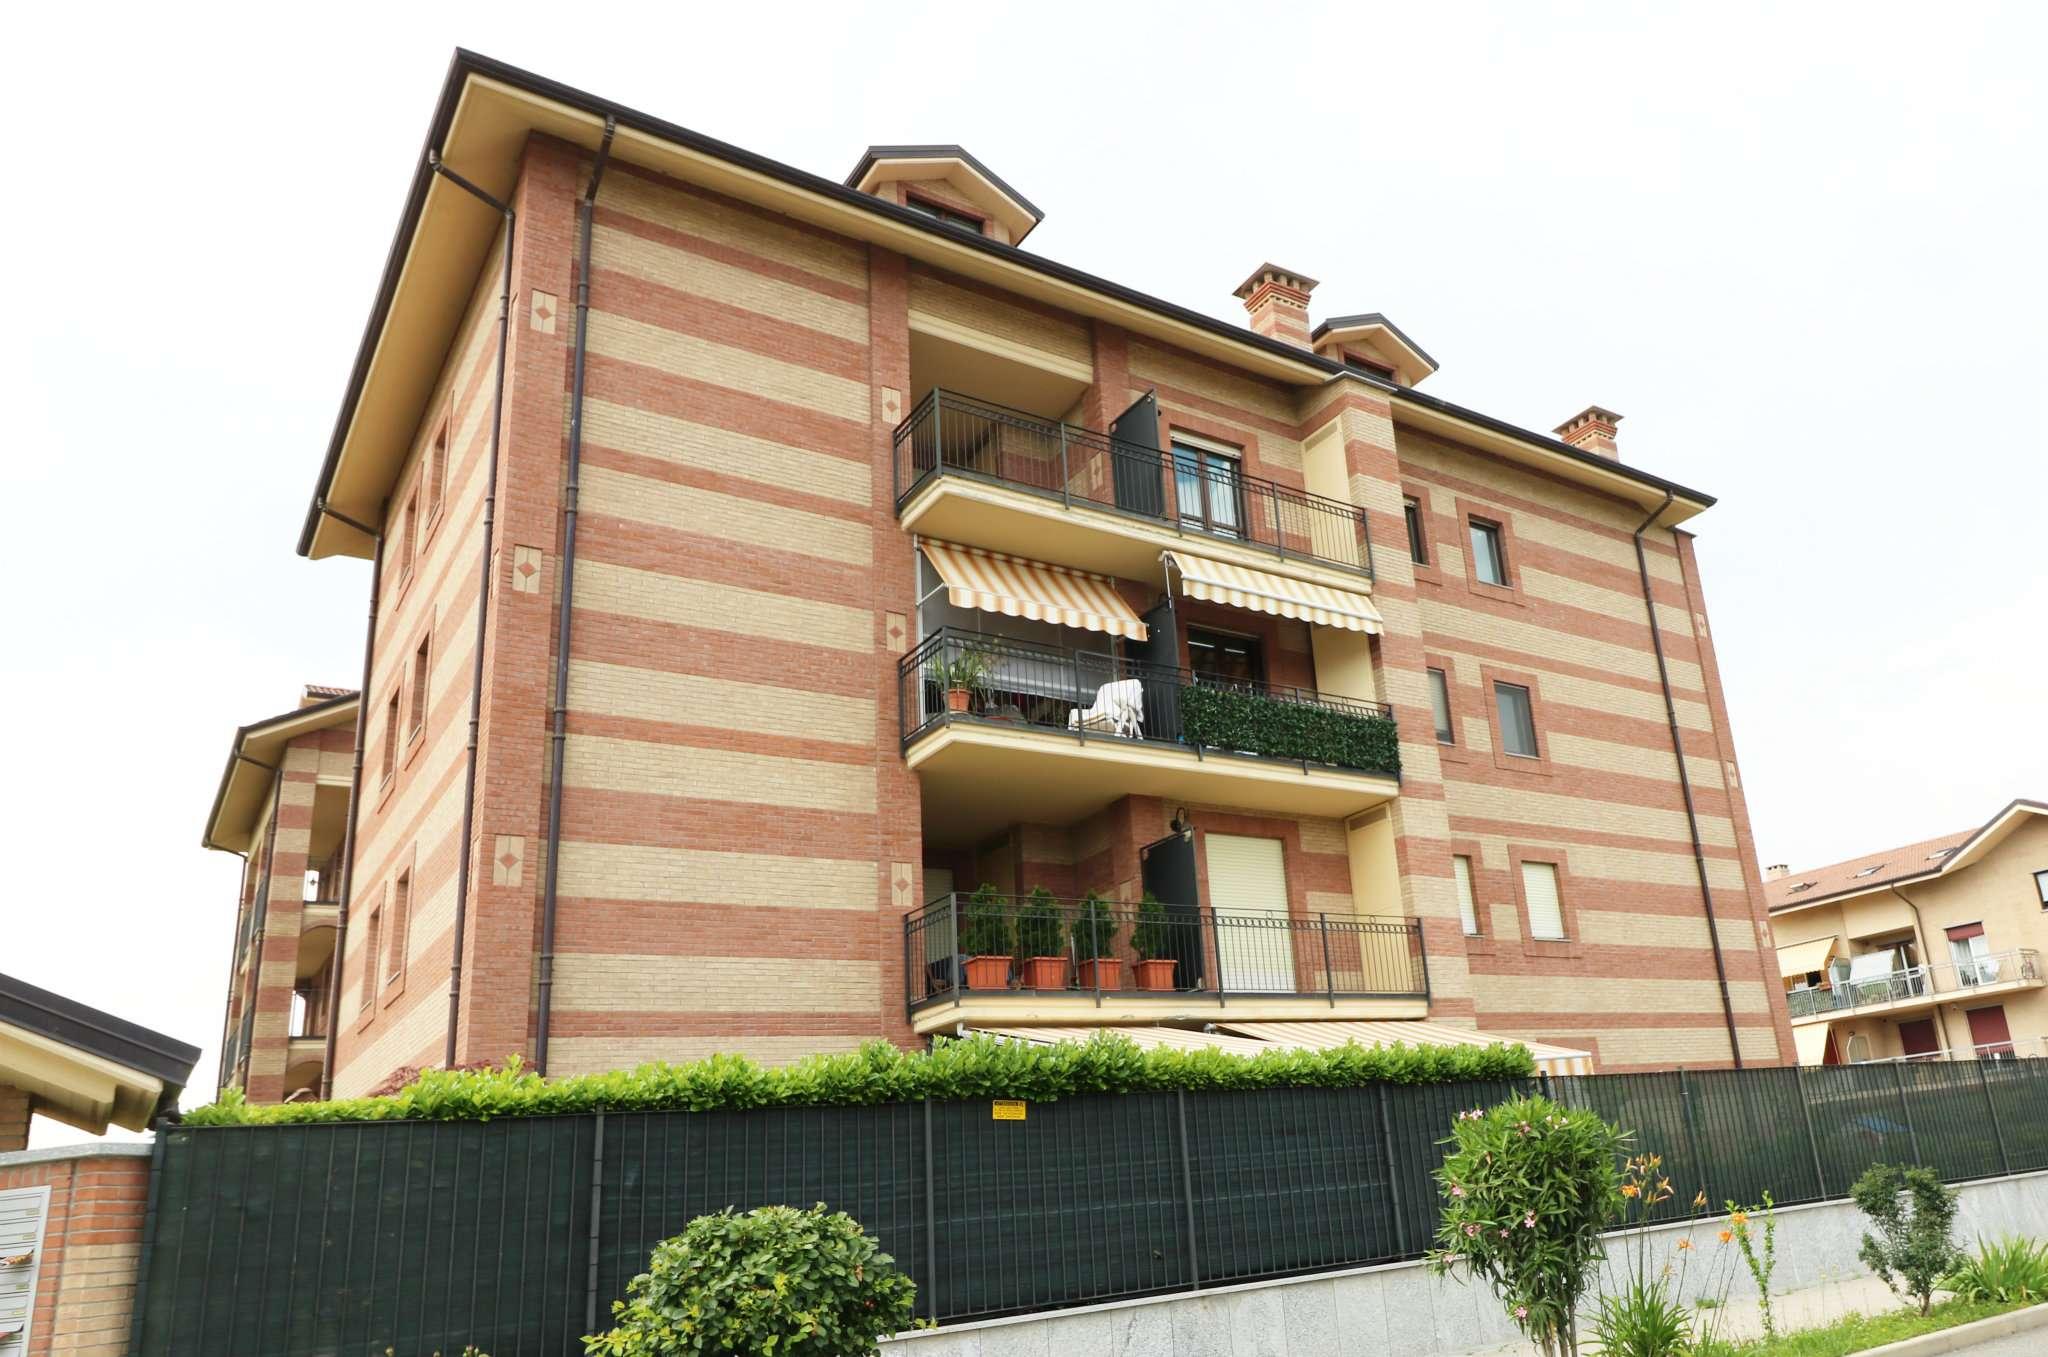 Appartamento in vendita a Orbassano, 4 locali, prezzo € 273.000 | CambioCasa.it